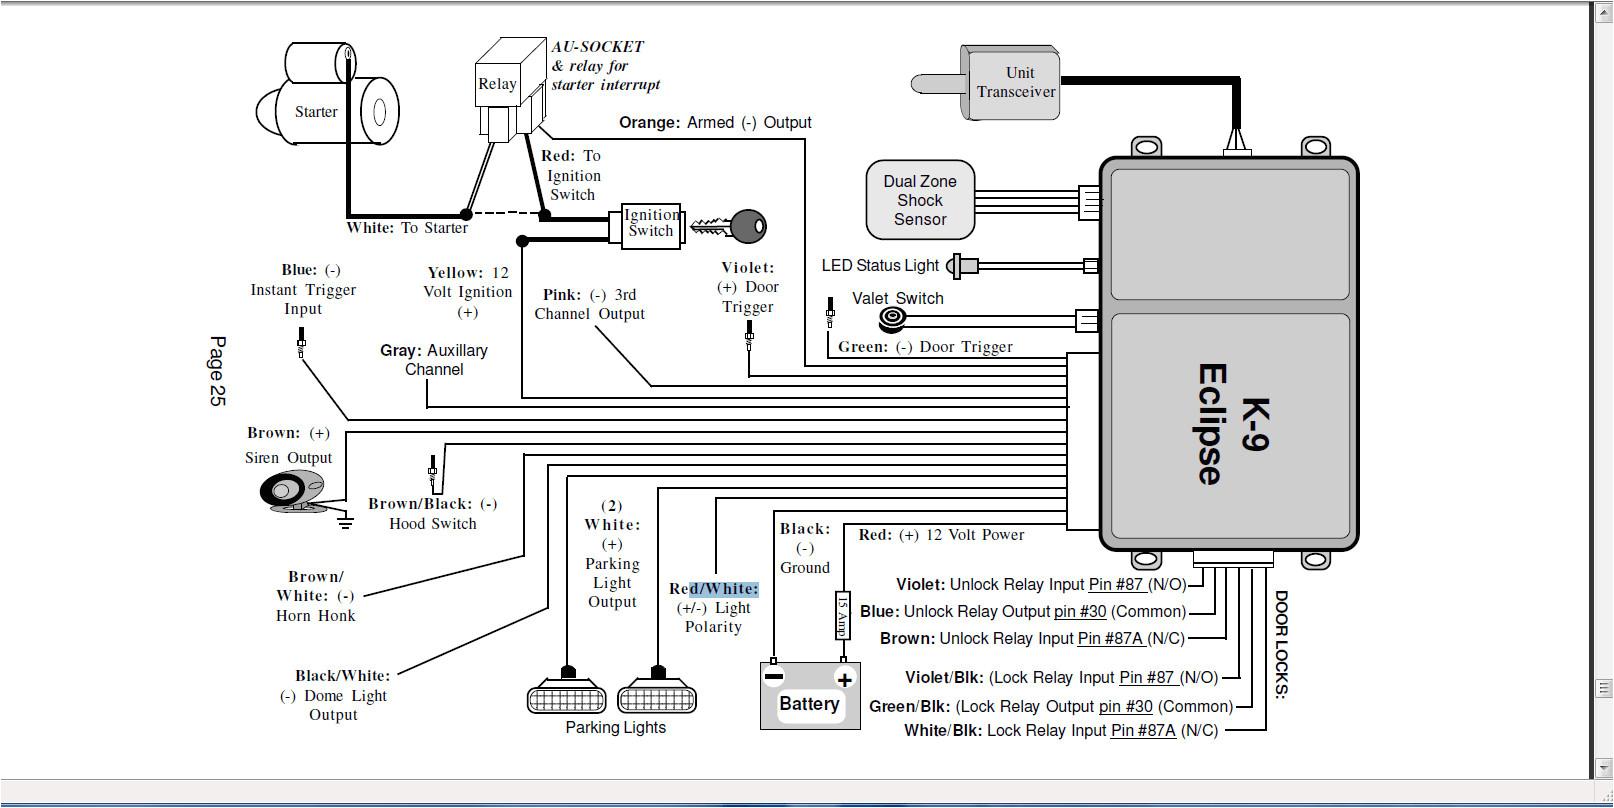 excalibur wiring diagrams wiring diagram img excalibur keyless entry wiring diagram source compustar remote start